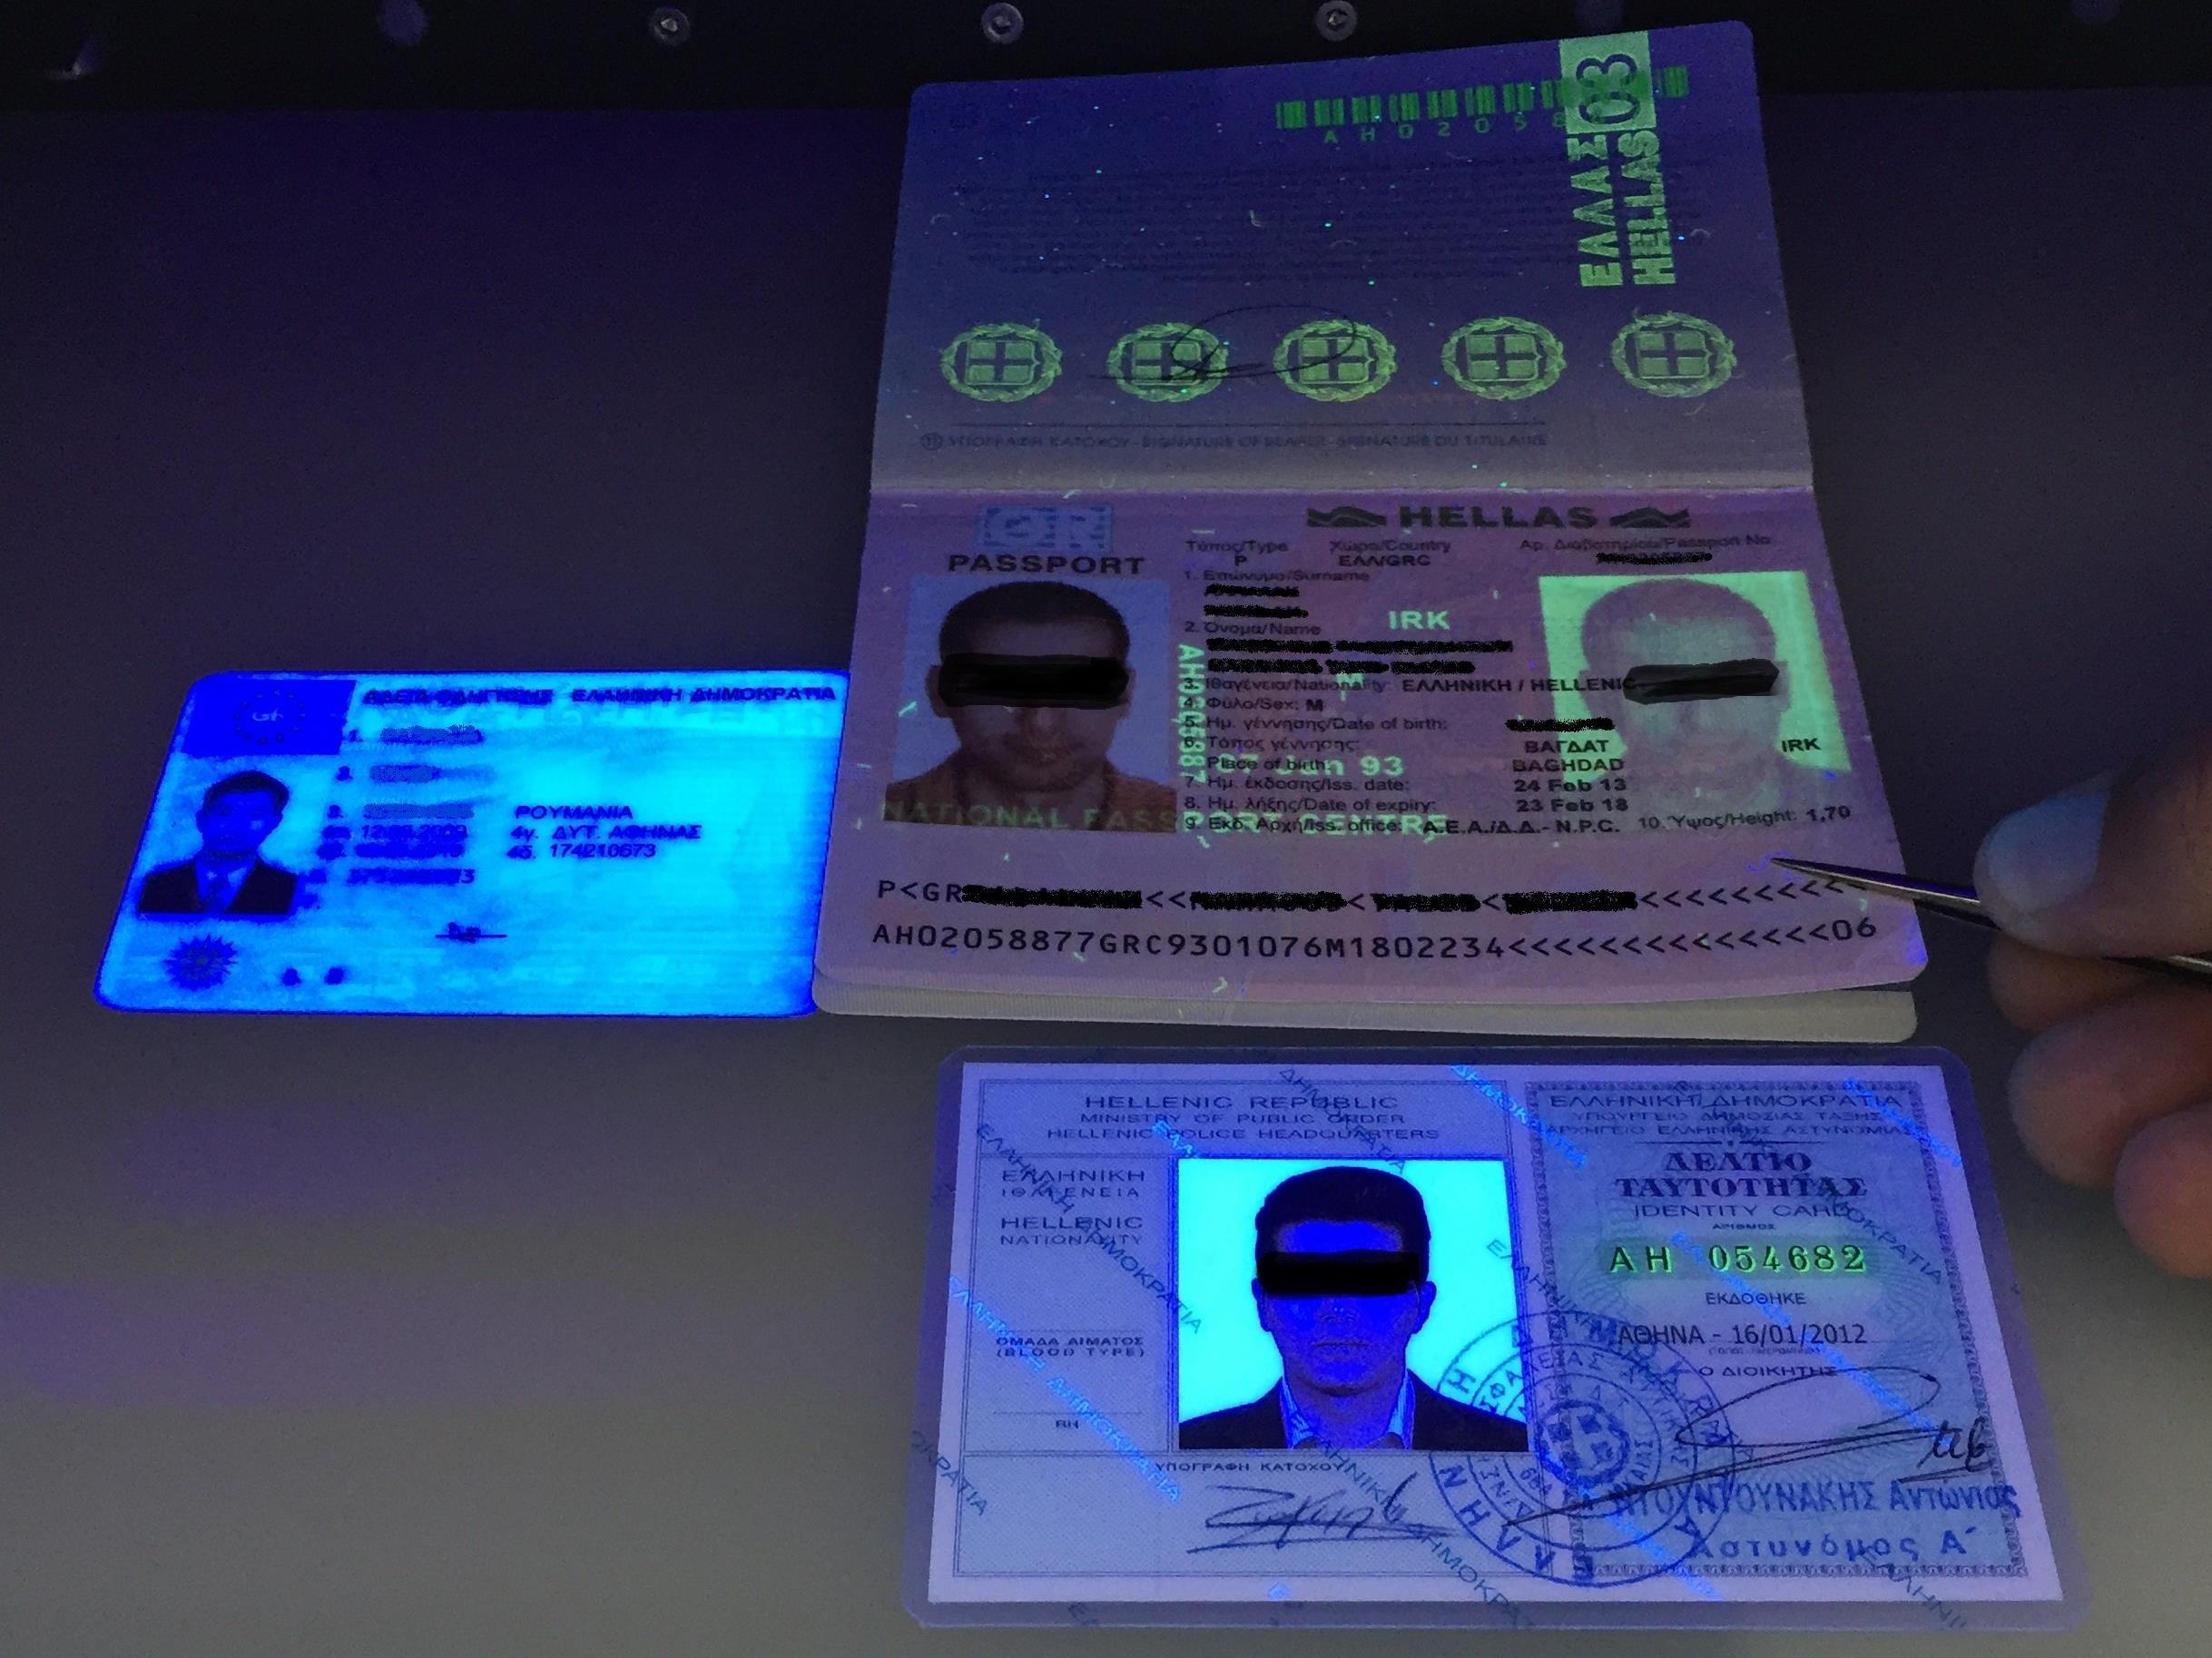 Grenzwächter fanden unter anderem gefälschte Führerscheine und Identitätskarten